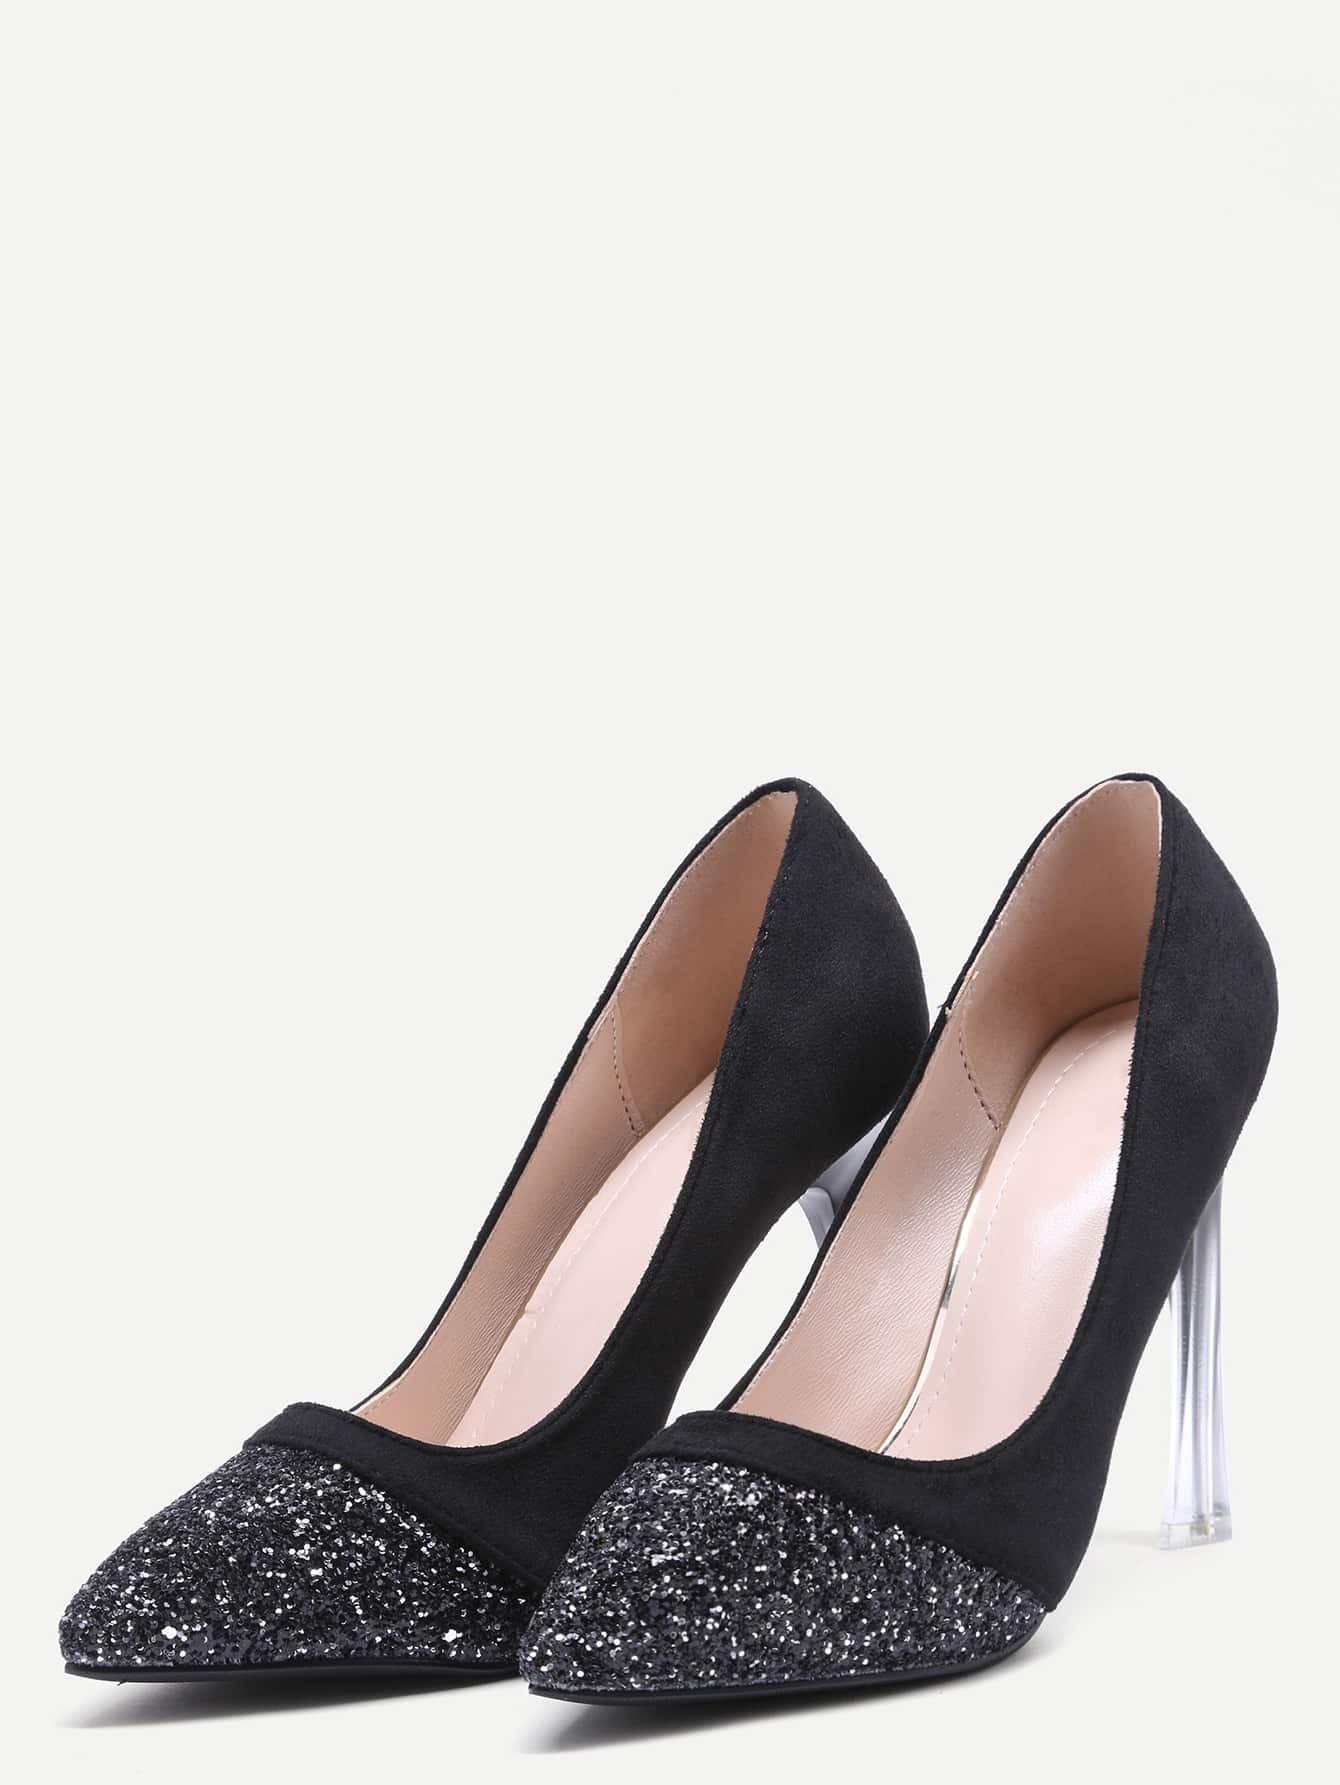 shoes161221801_2